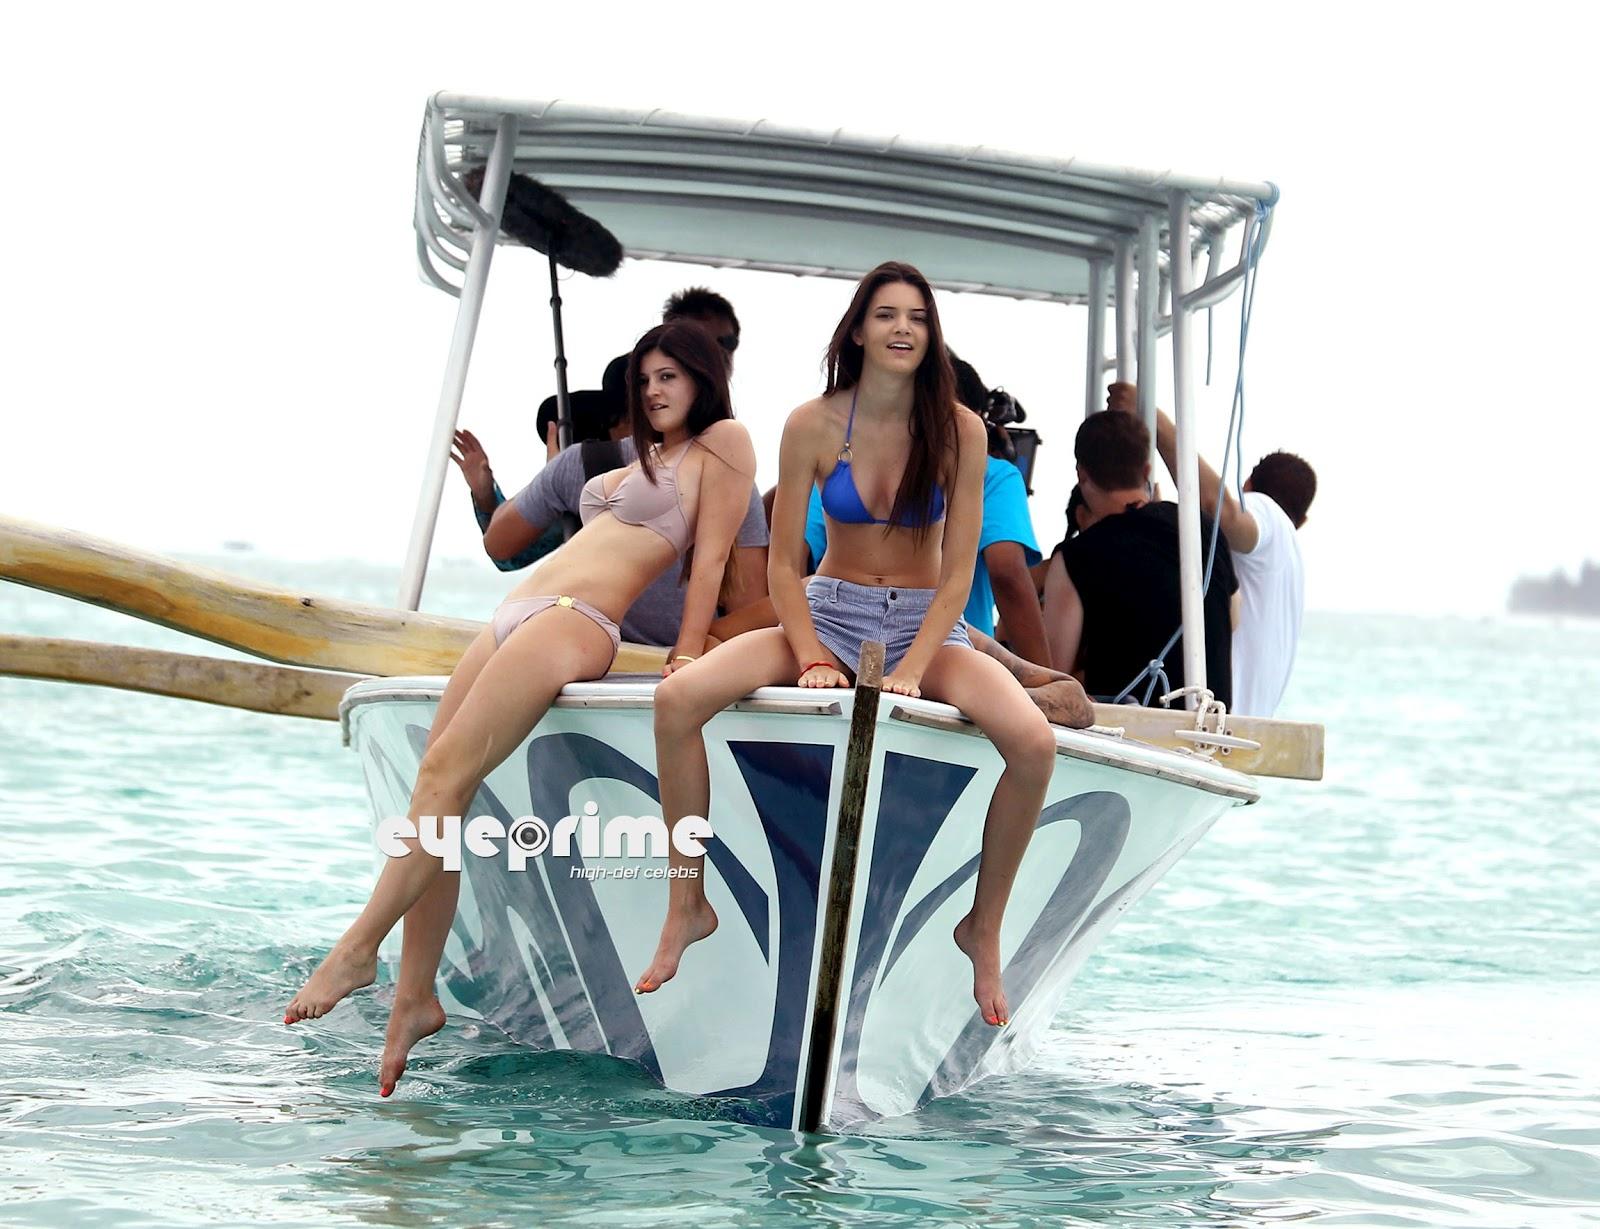 http://2.bp.blogspot.com/-_IoEMQusvxw/T1ElmIEPpVI/AAAAAAAACHc/b9Q-IpToKsk/s1600/Kreepy%21+Kendall+and+Kylie+Jenner+,6.jpg